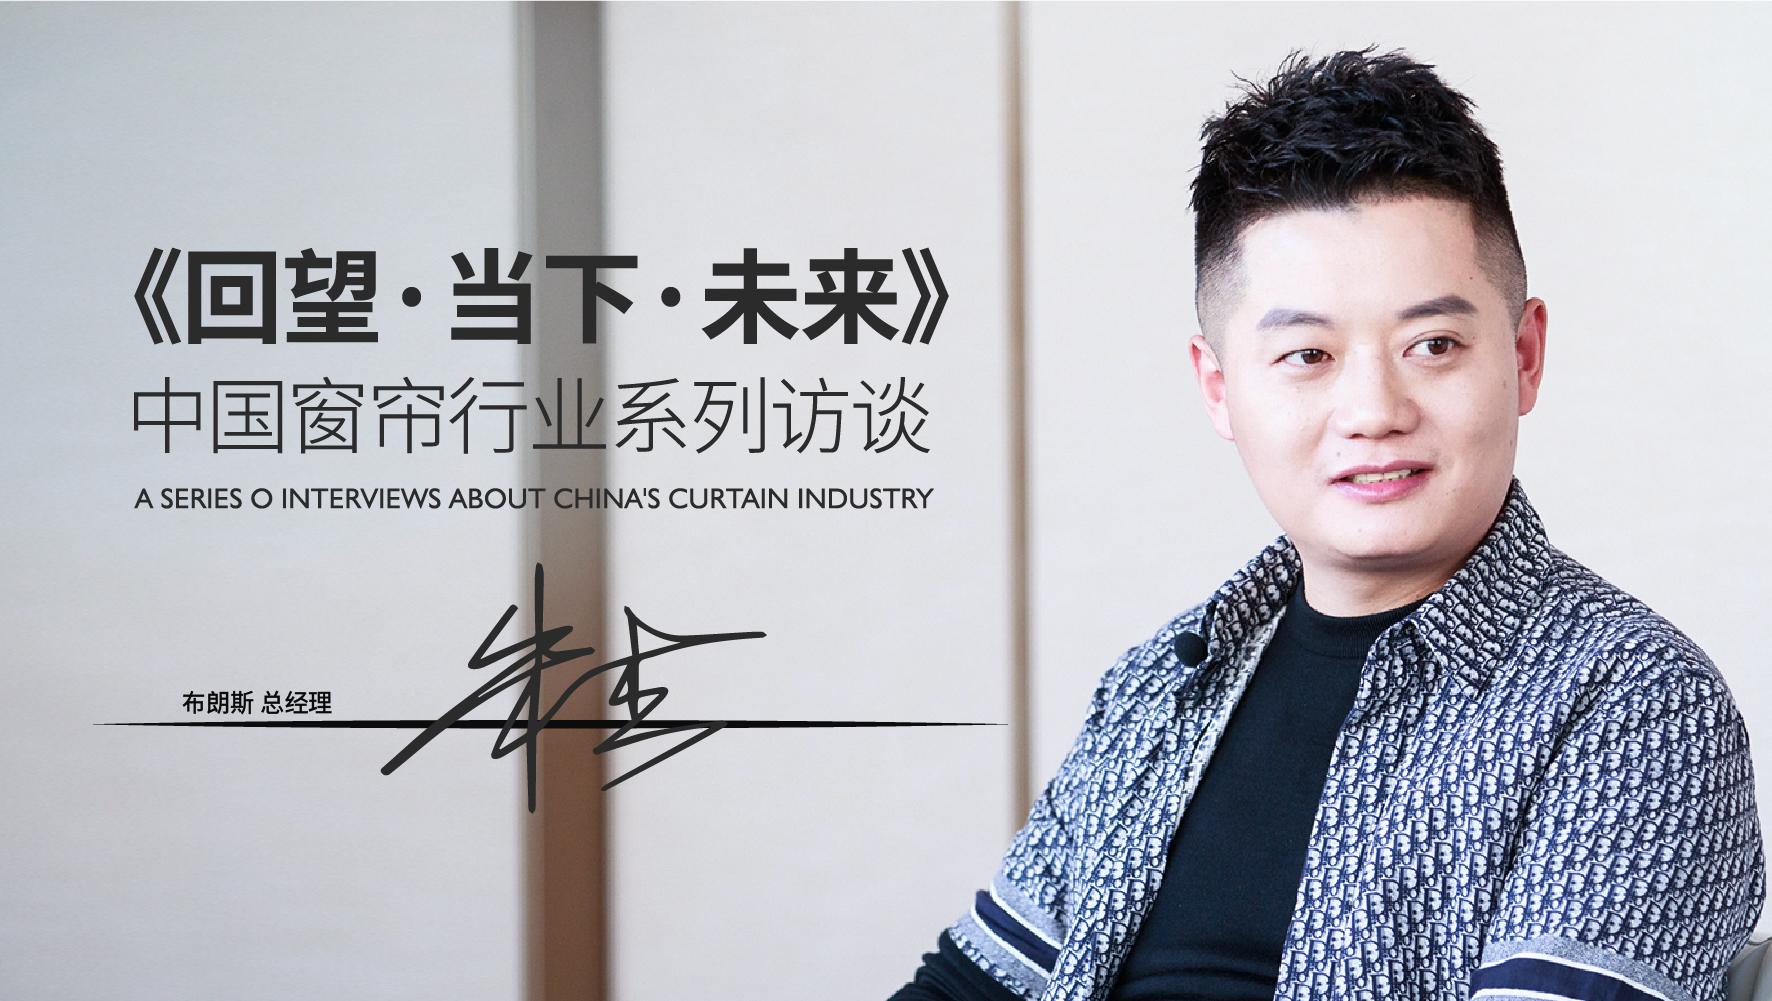 《回望·当下·未来》中国窗帘行业系列访谈——布朗斯总经理朱杰